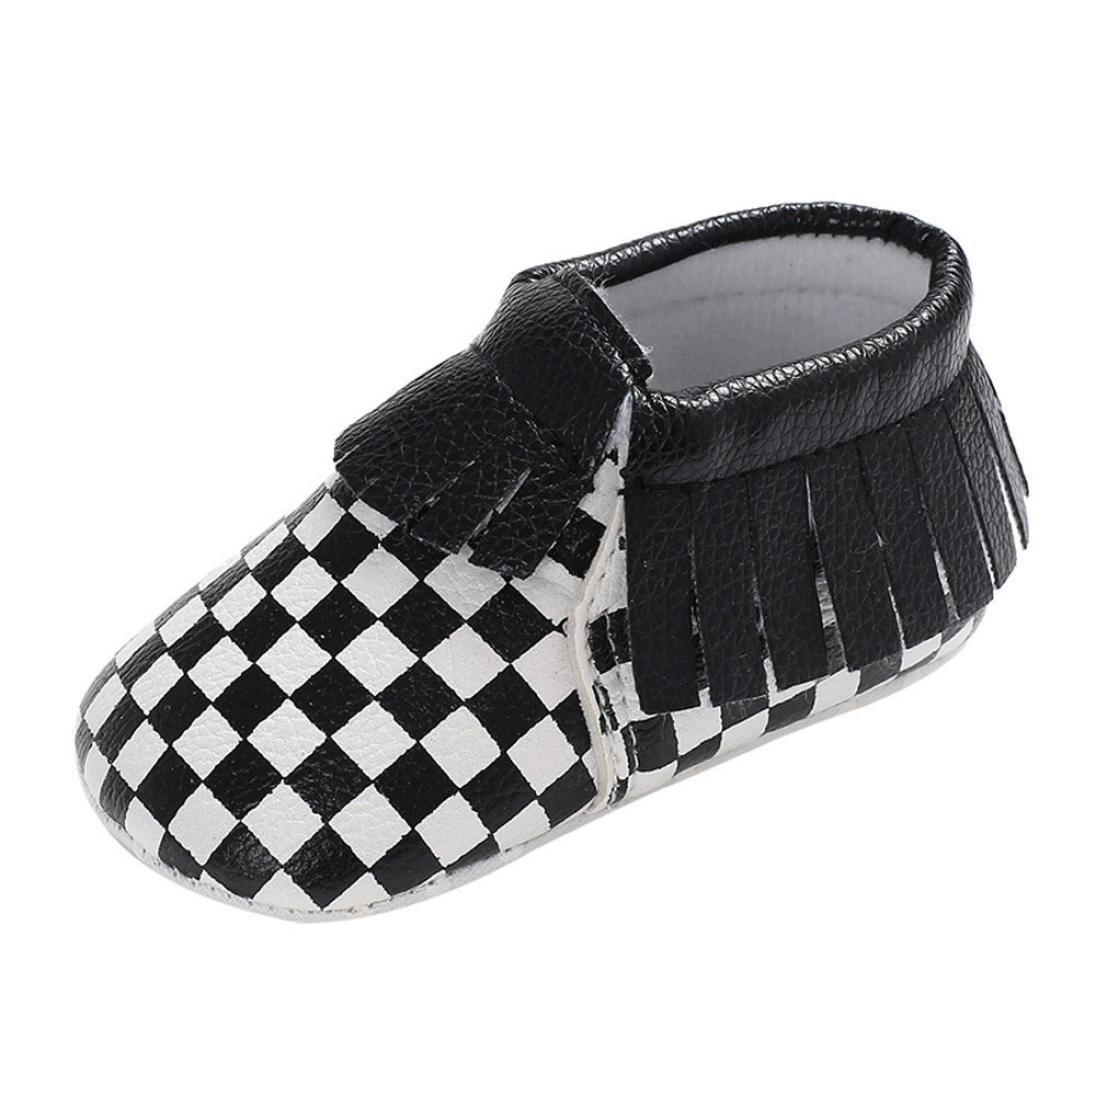 cinnamou - Zapatos para bebé Baby Chica Joven Soft Sole zapatos ...